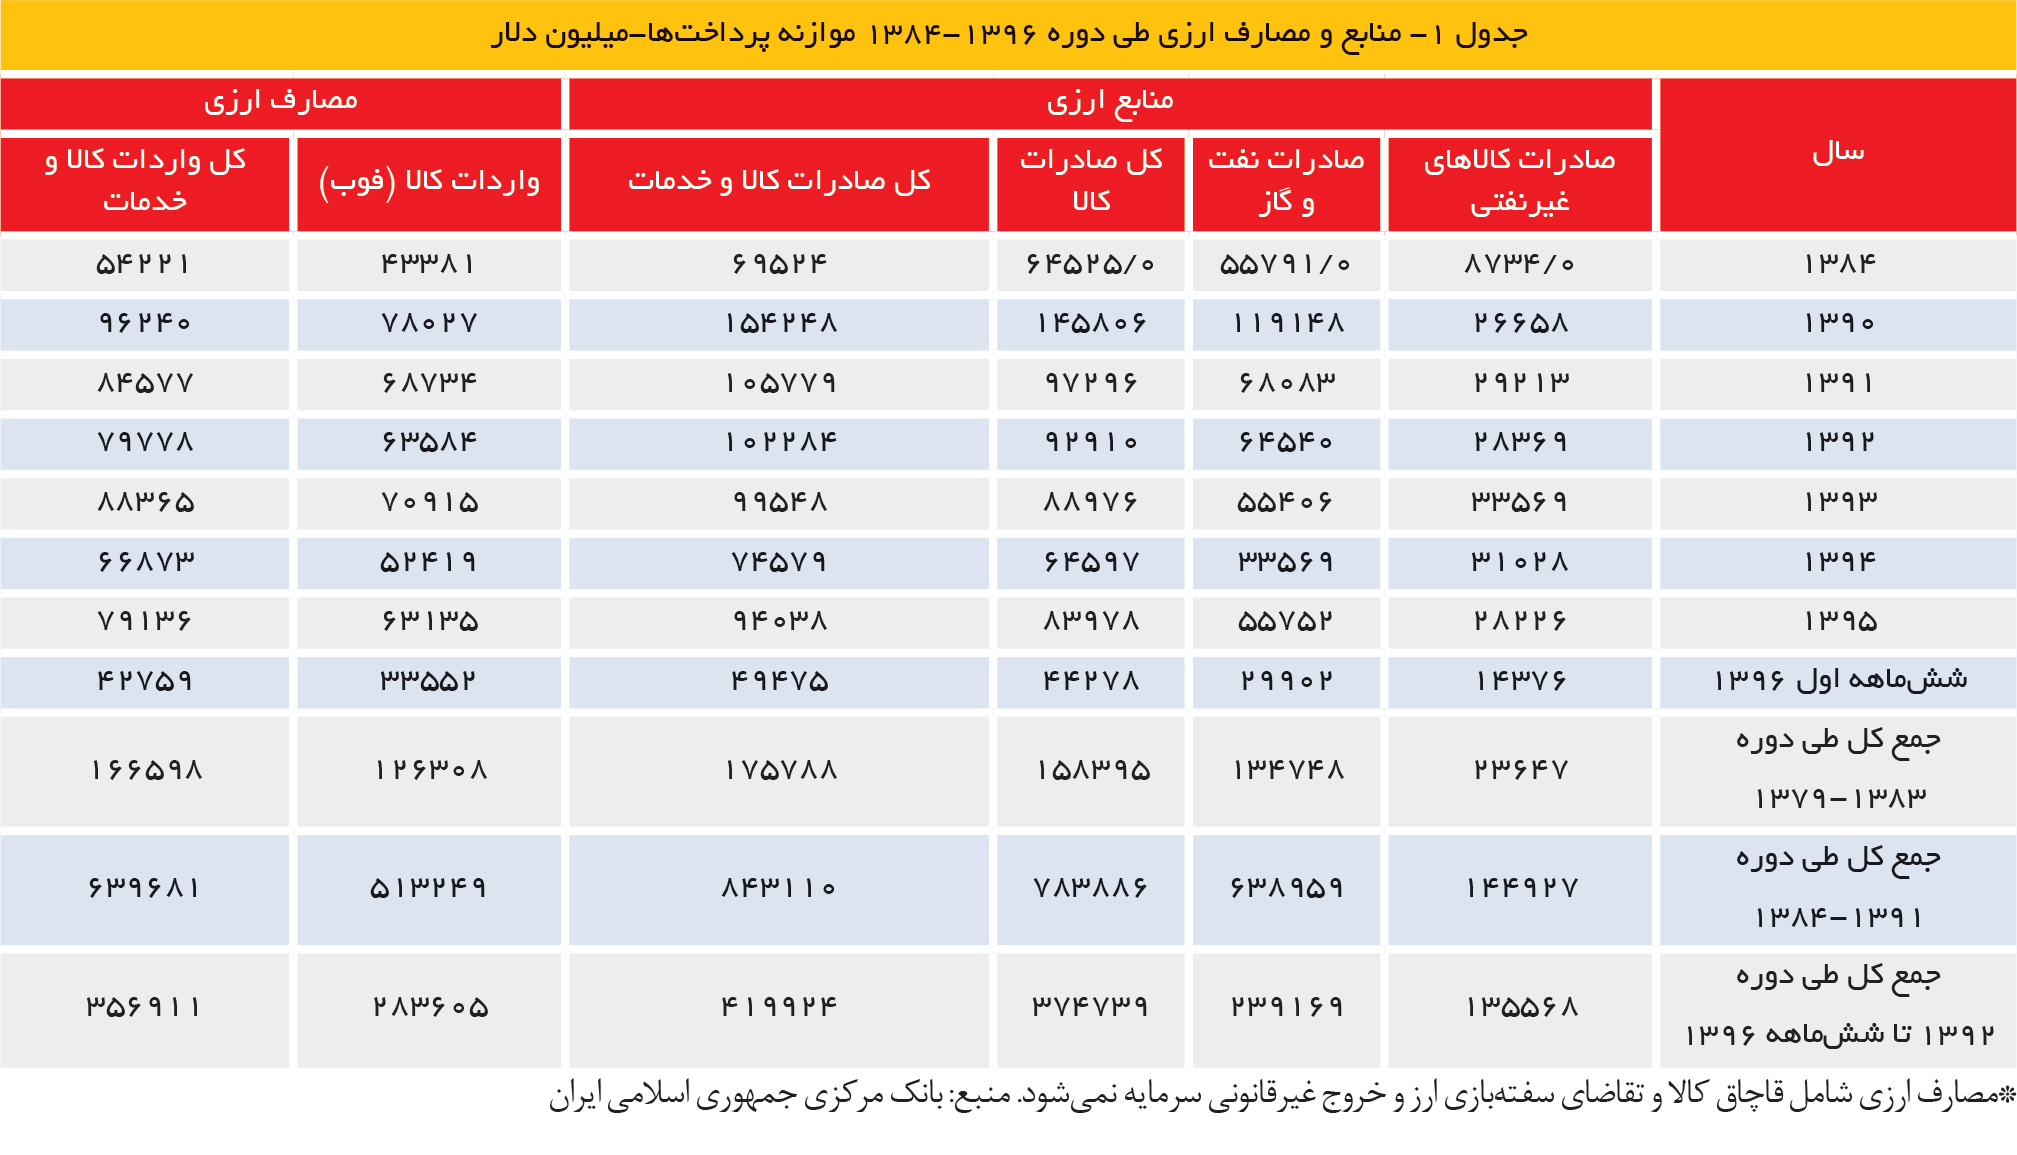 تجارت فردا- جدول 1- منابع و مصارف ارزی طی دوره 1396-1384 موازنه پرداختها-میلیون دلار